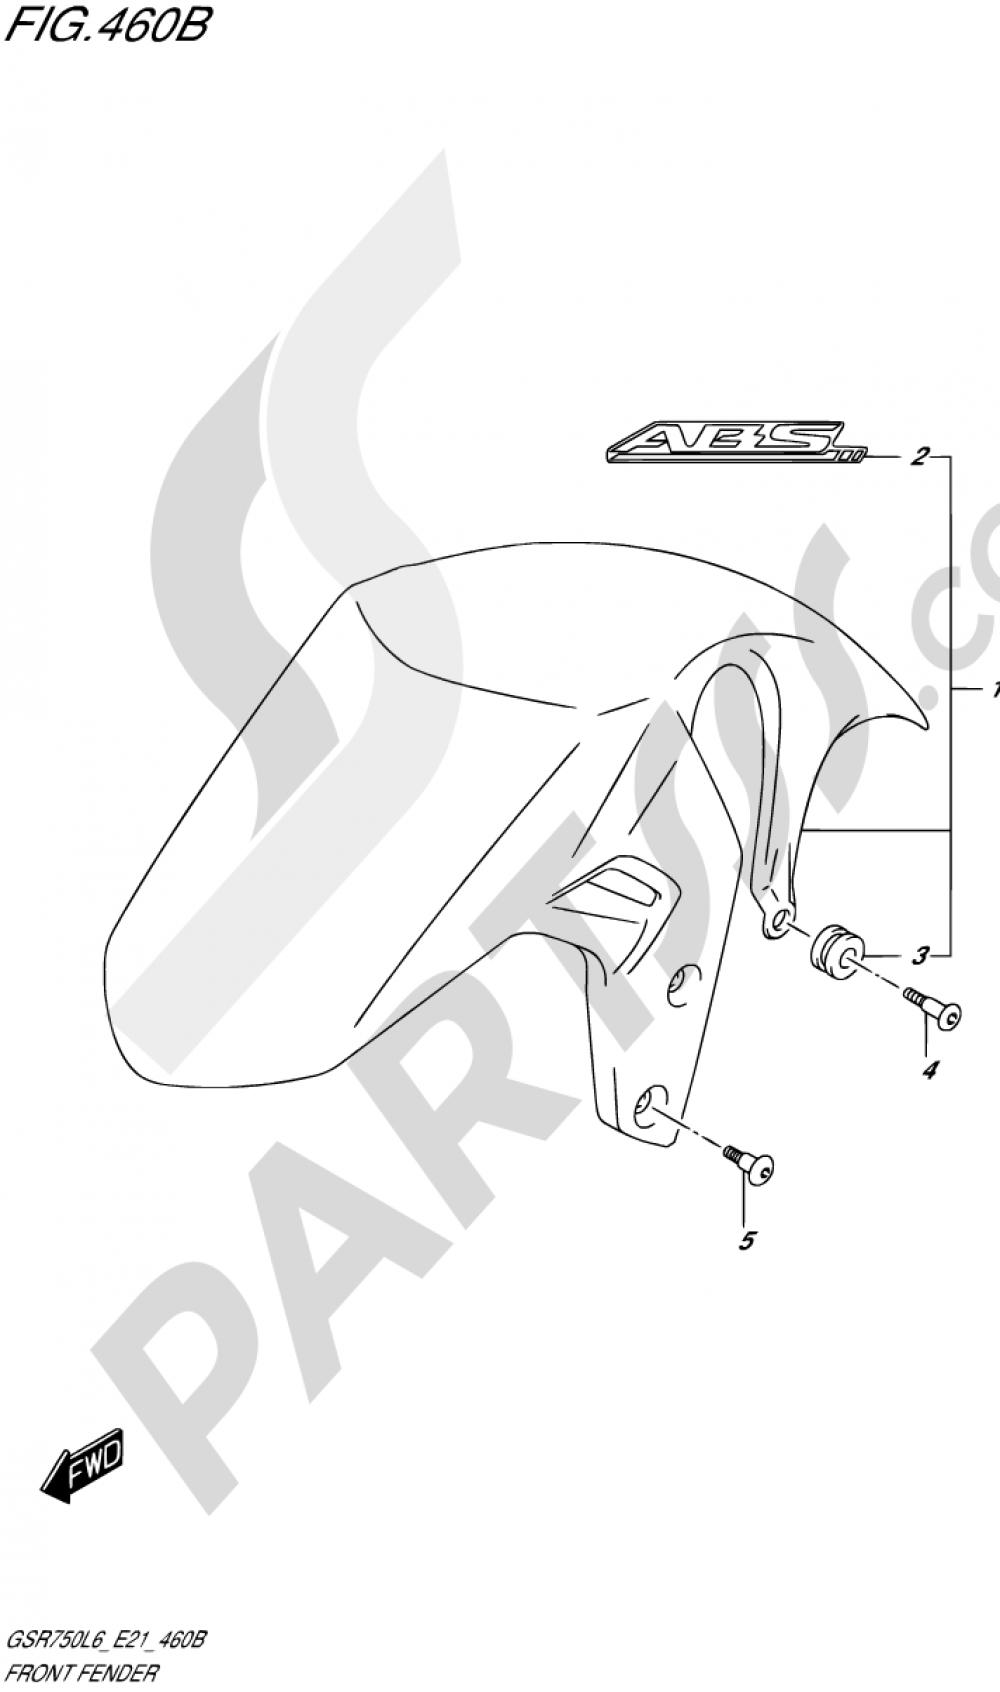 460B - FRONT FENDER (GSR750AL6 E21) Suzuki GSR750A 2016